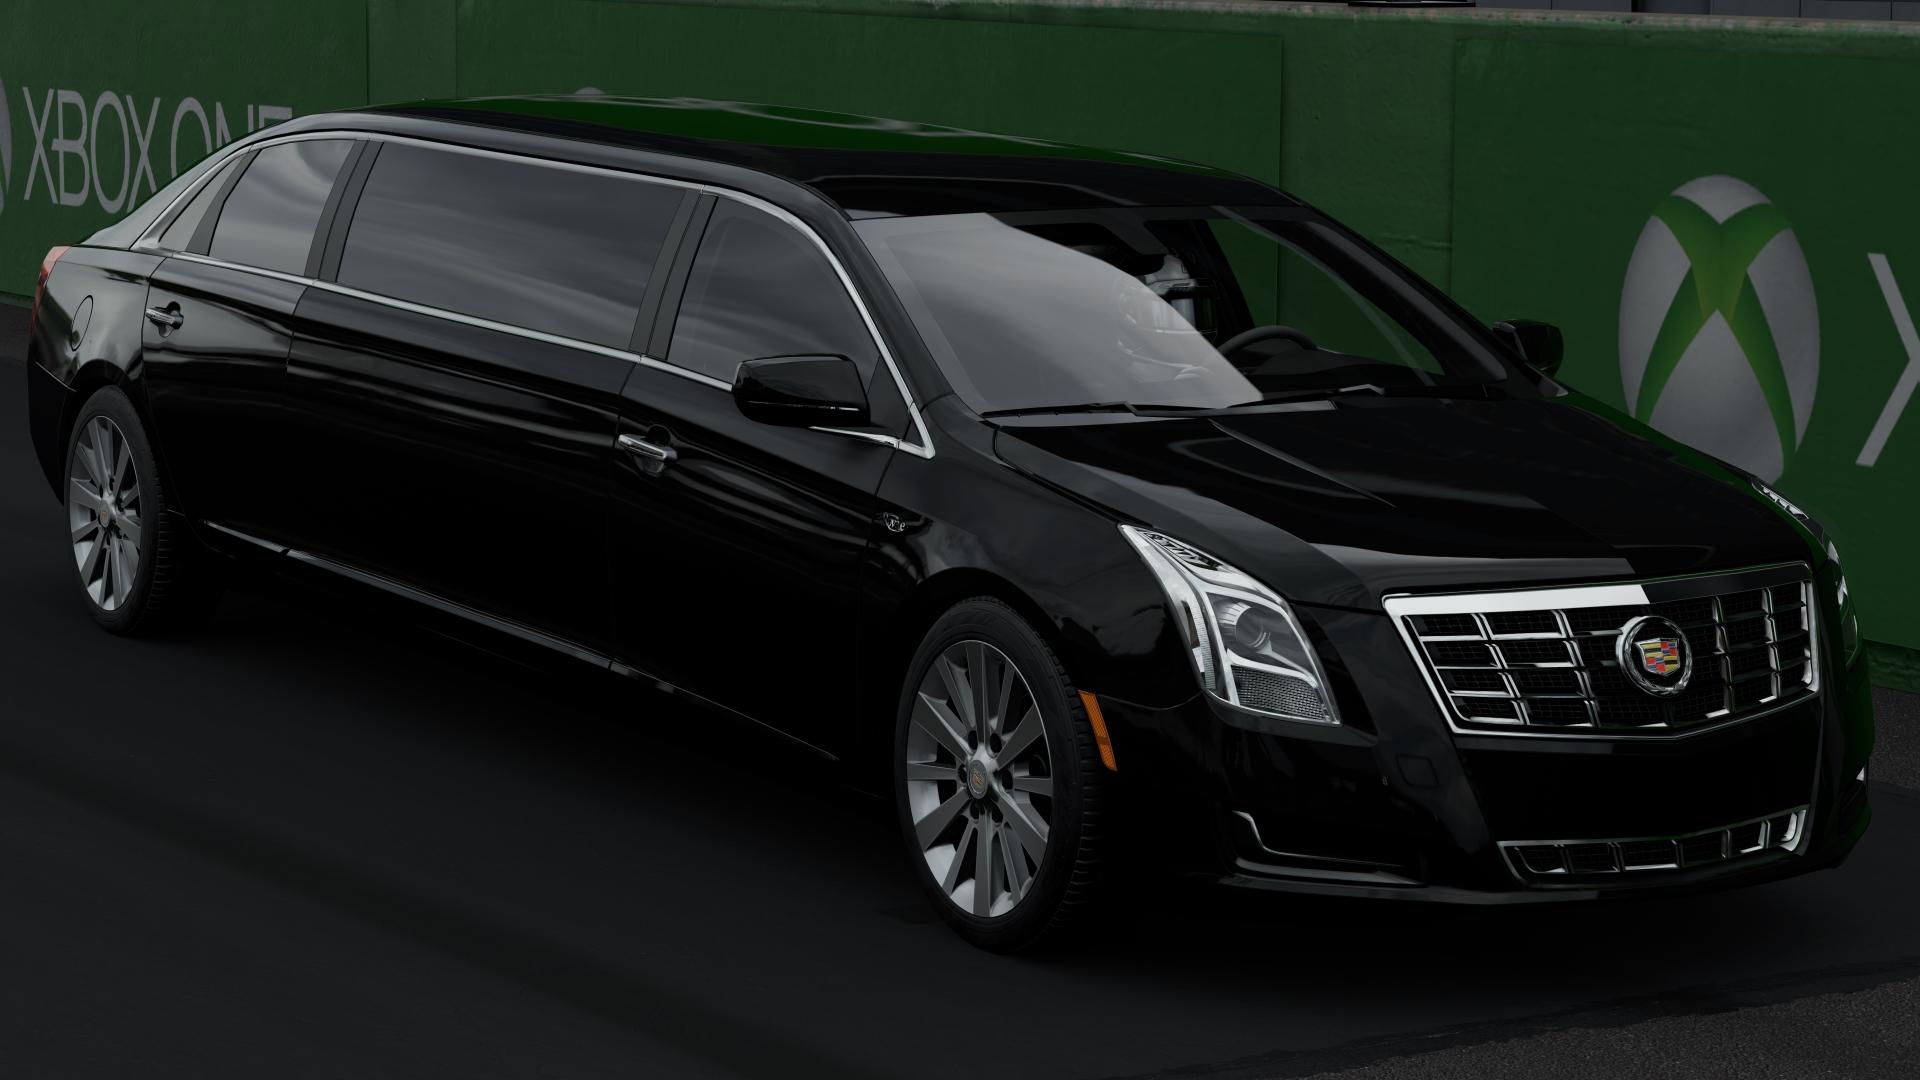 Cadillac Xts Limousine Forza Motorsport Wiki Fandom Powered By Wikia